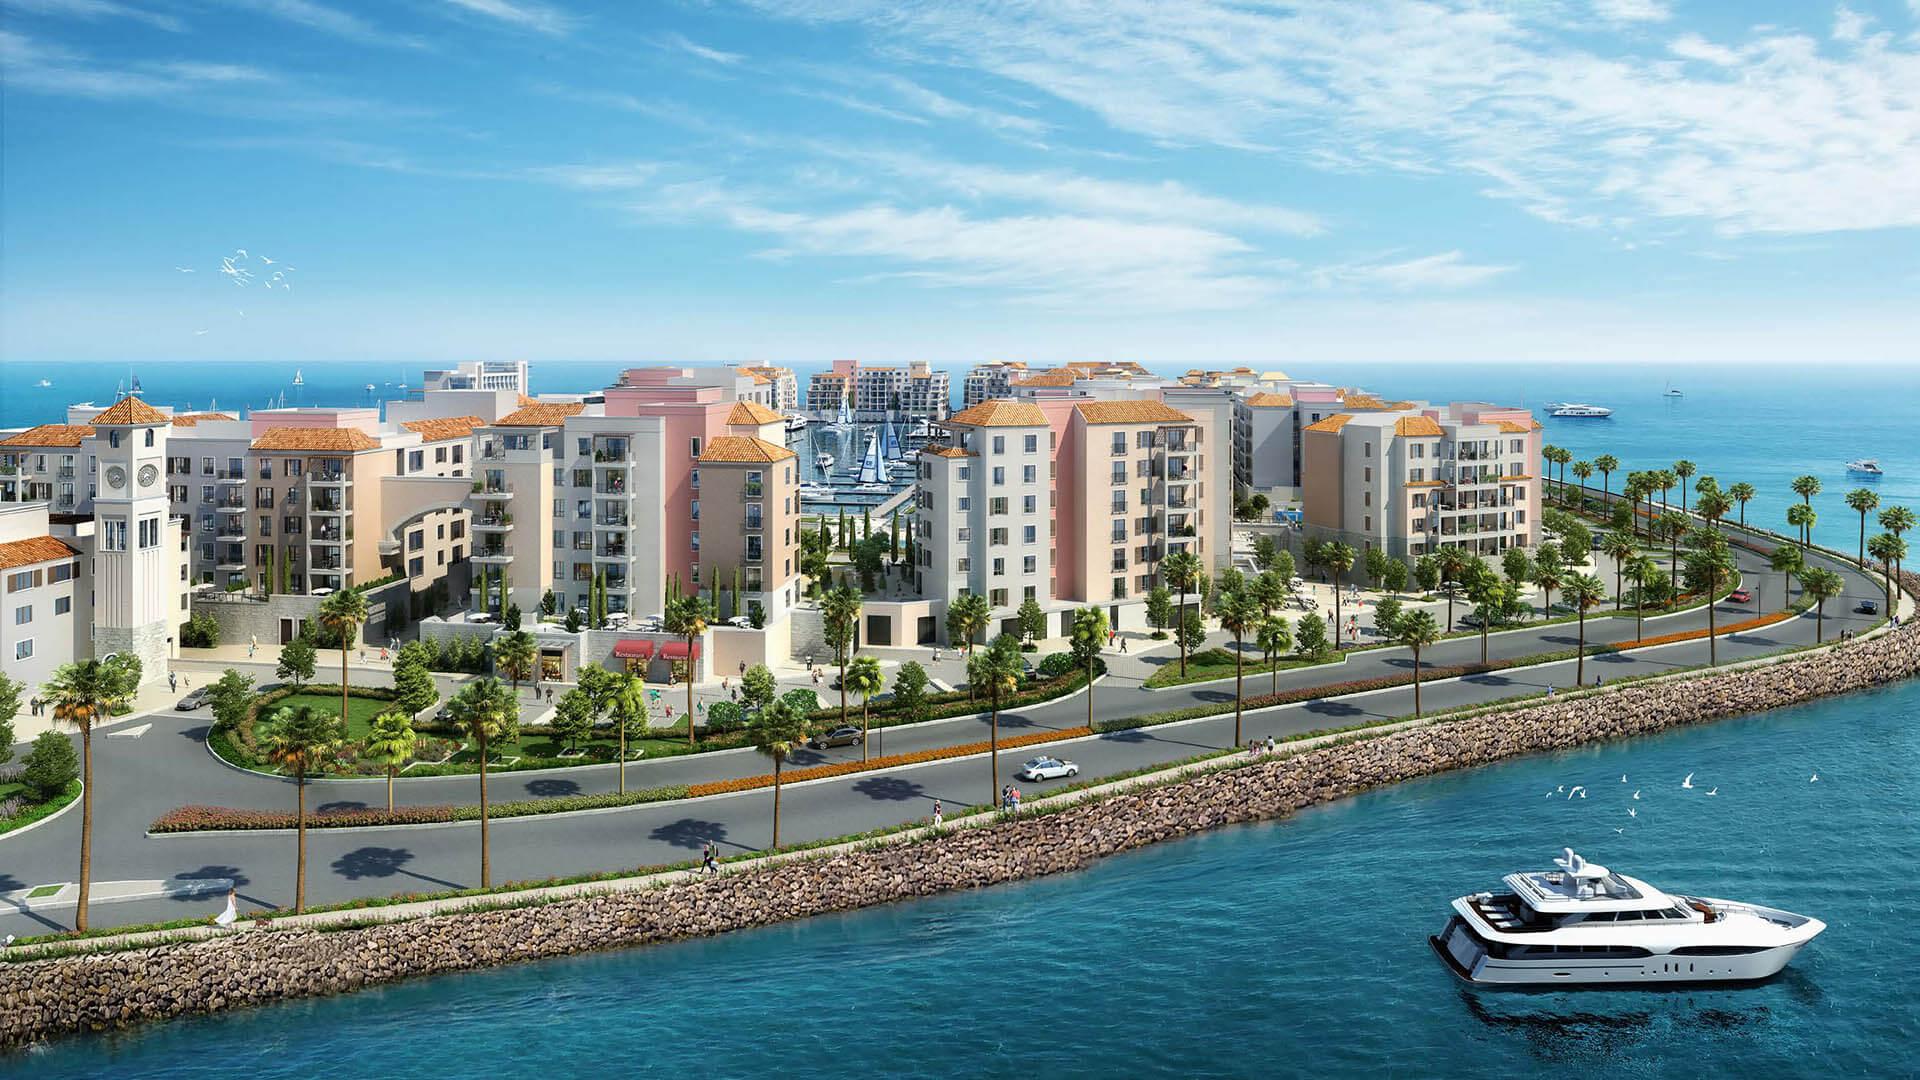 LA VOILE, Port de la mer, Dubai, UAE – photo 6